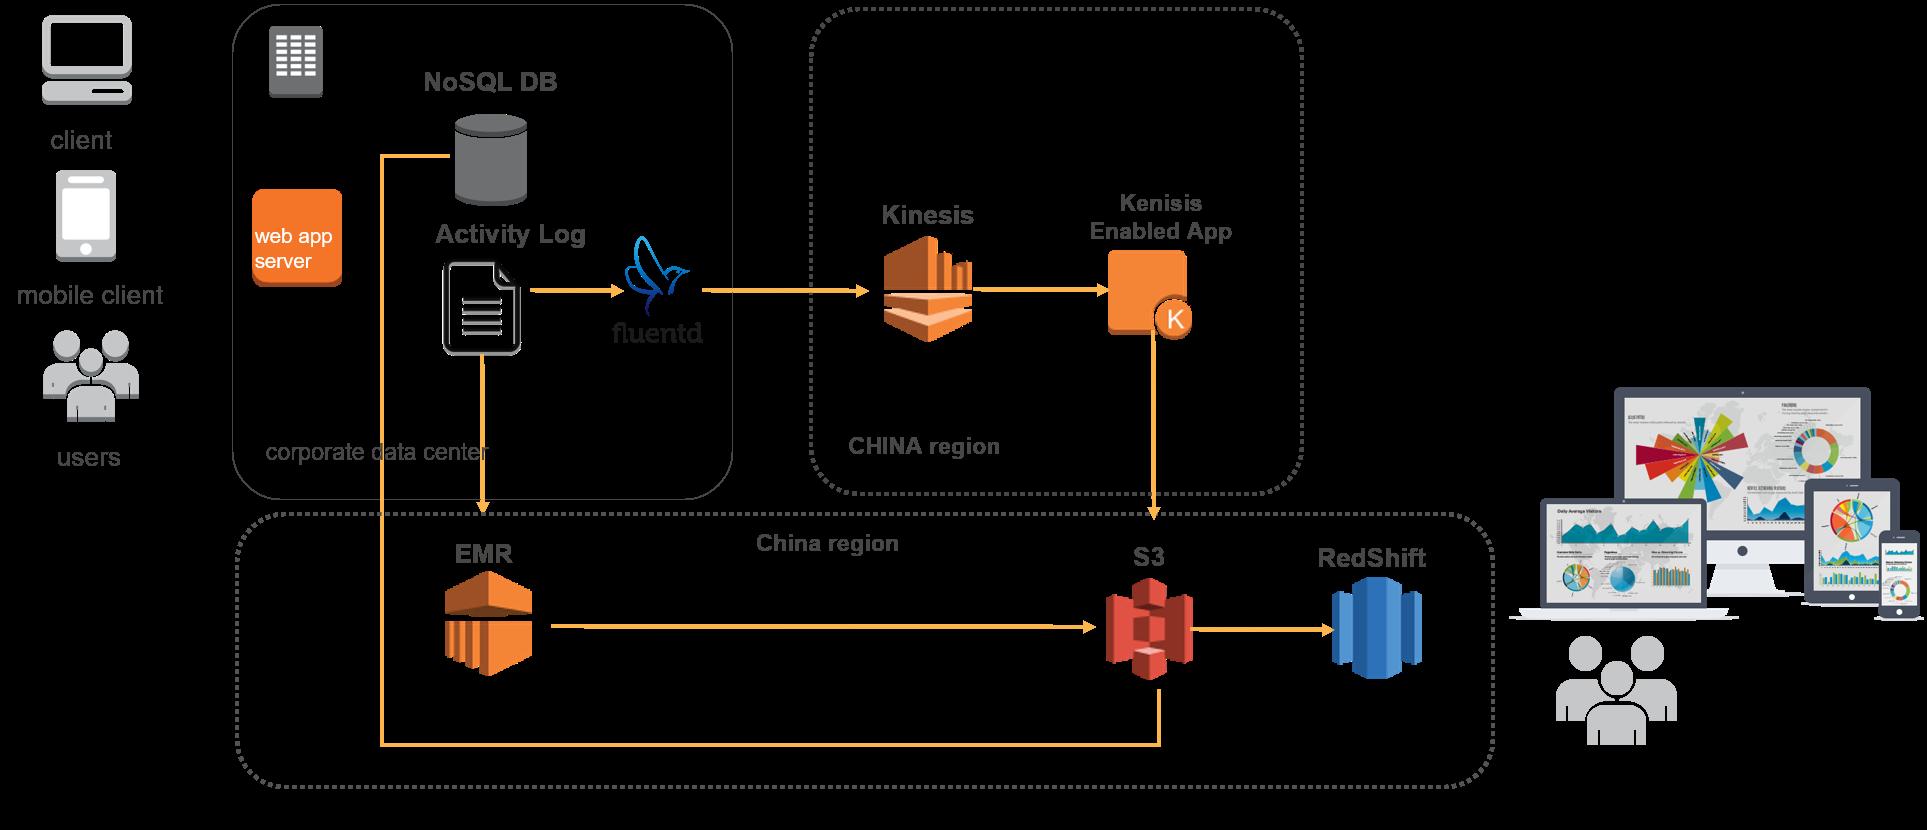 利用Amazon Redshift构建新一代数据分析BI系统